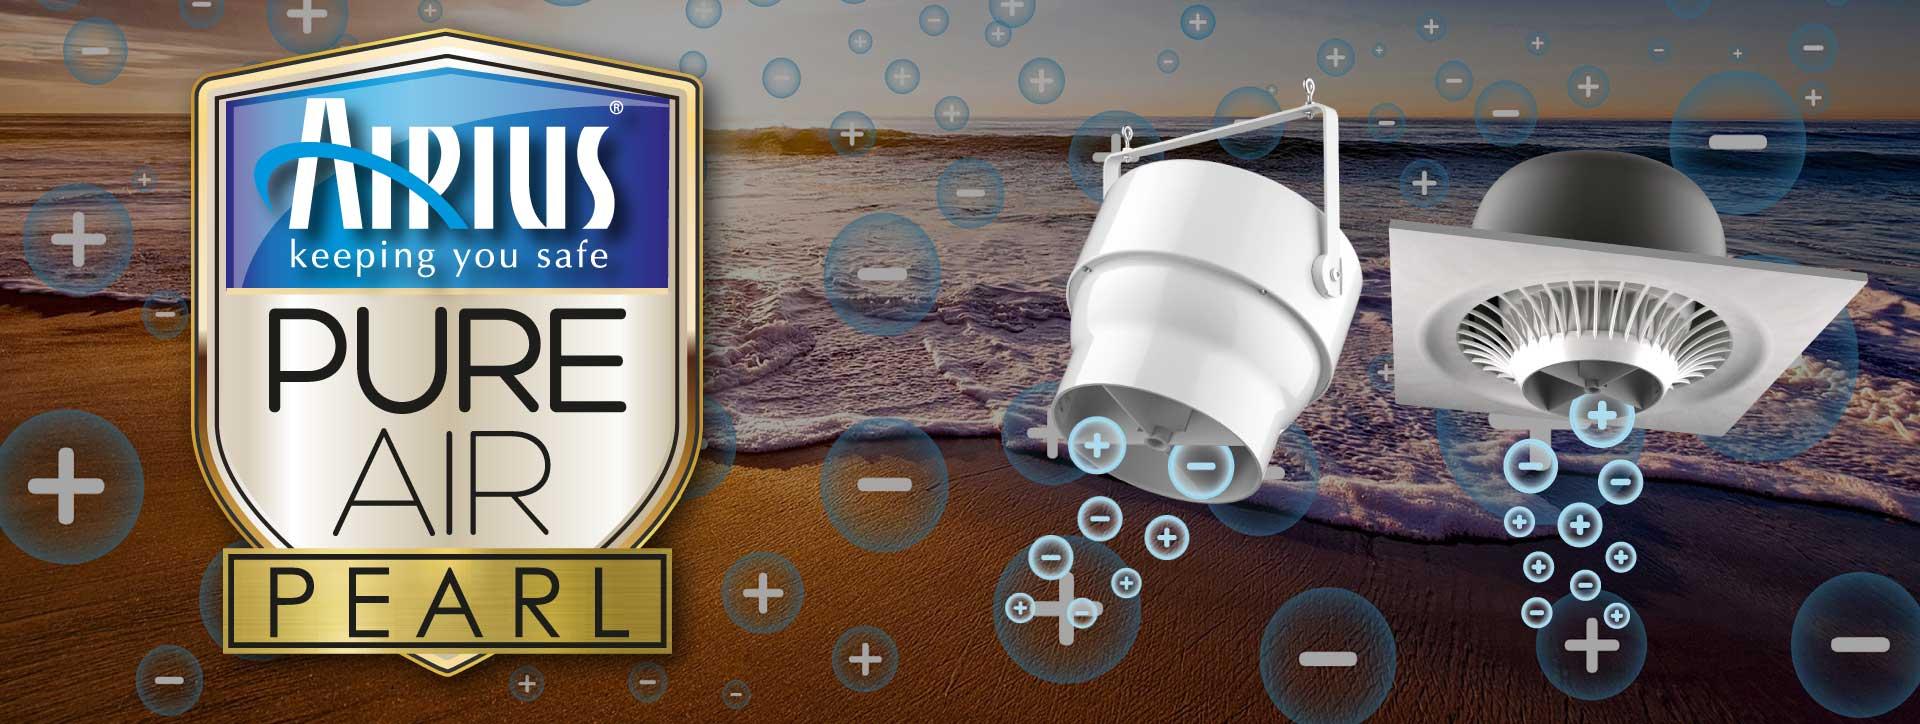 Airius PureAir Pearl BiPolar Ionisation Air Purification Fan